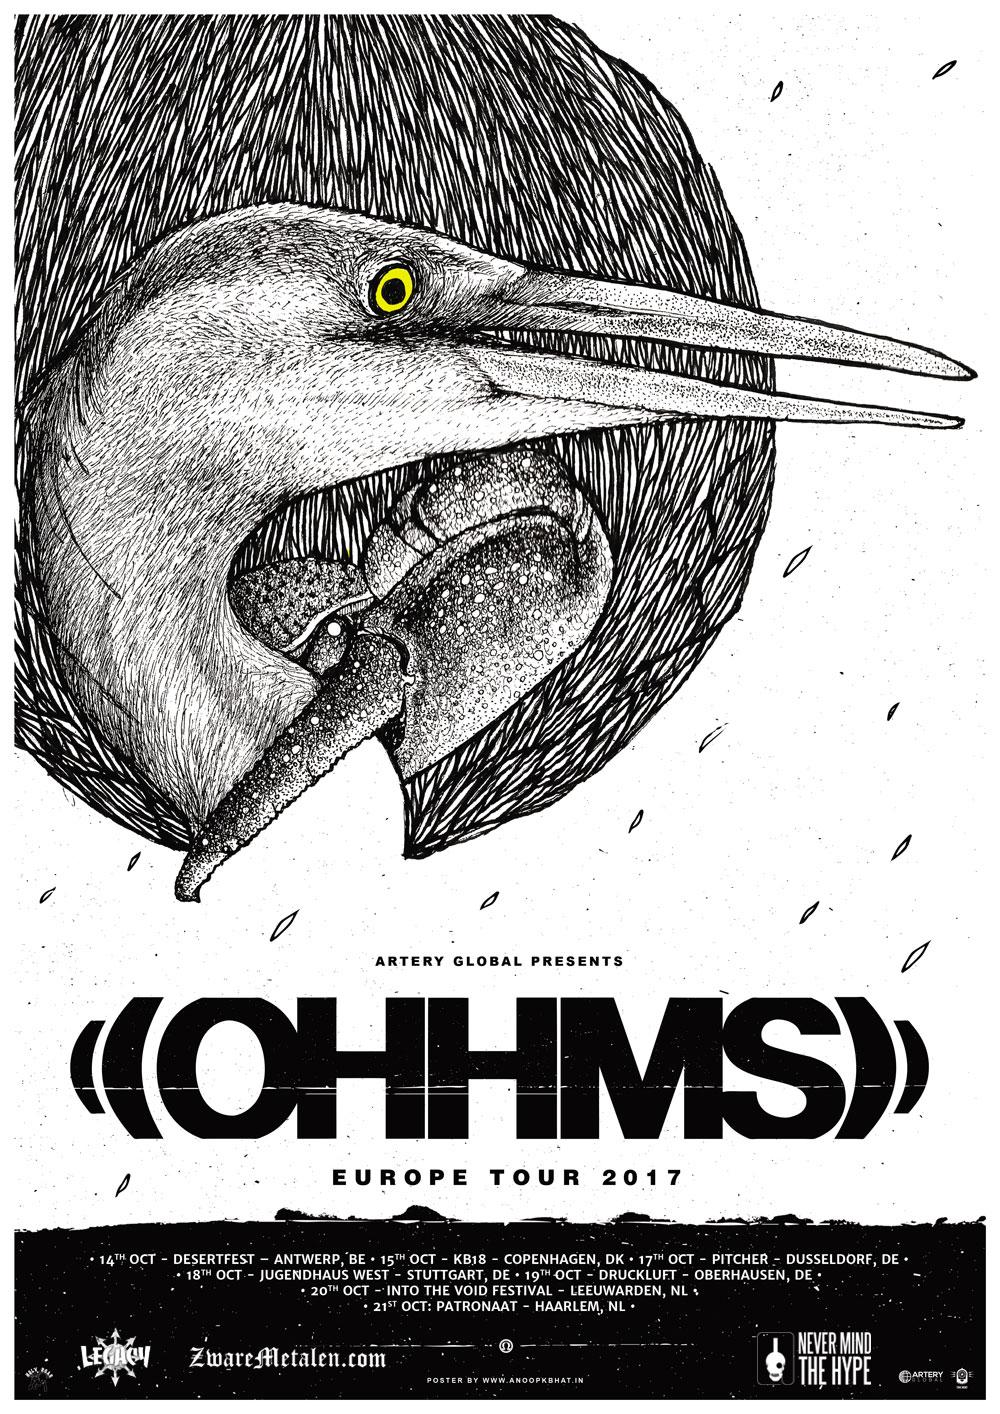 Ohhms-Europe-tour-logos (1)